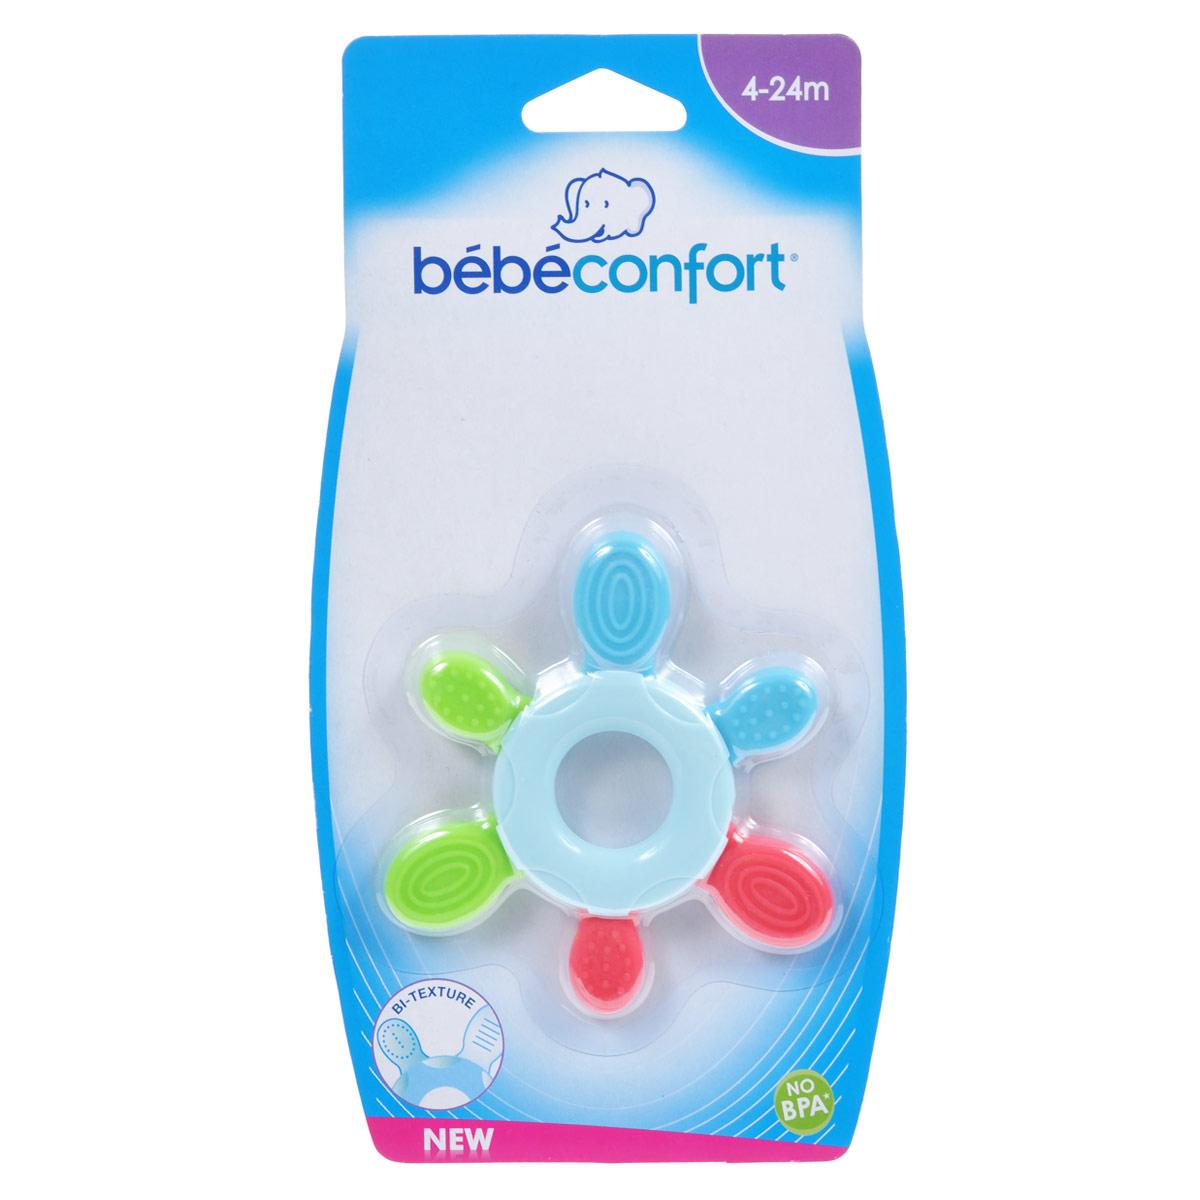 Прорезыватель Bebe Confort, от 4-24 мес3220660212781Яркий прорезыватель Bebe Confort подойдет детям, начиная с 4-х месячного возраста, поможет облегчить дискомфорт и преодолеть болевые ощущения в период прорезывания первых зубок. Выступающие детали массажируют воспаленные десна.